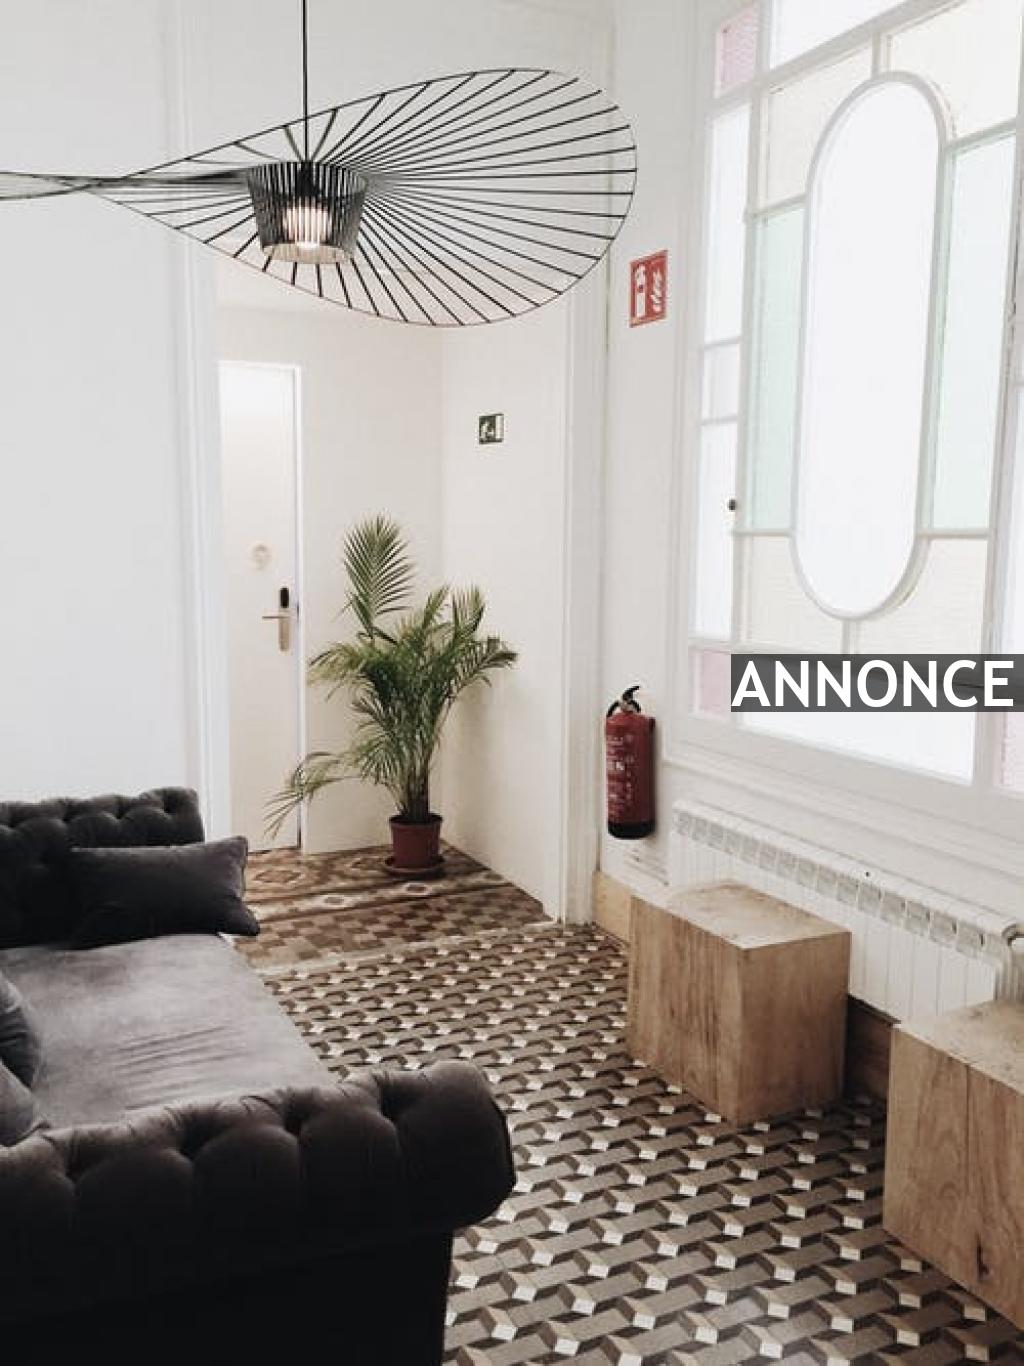 Giv din indretning mere personlighed med hjemmelavede møbler